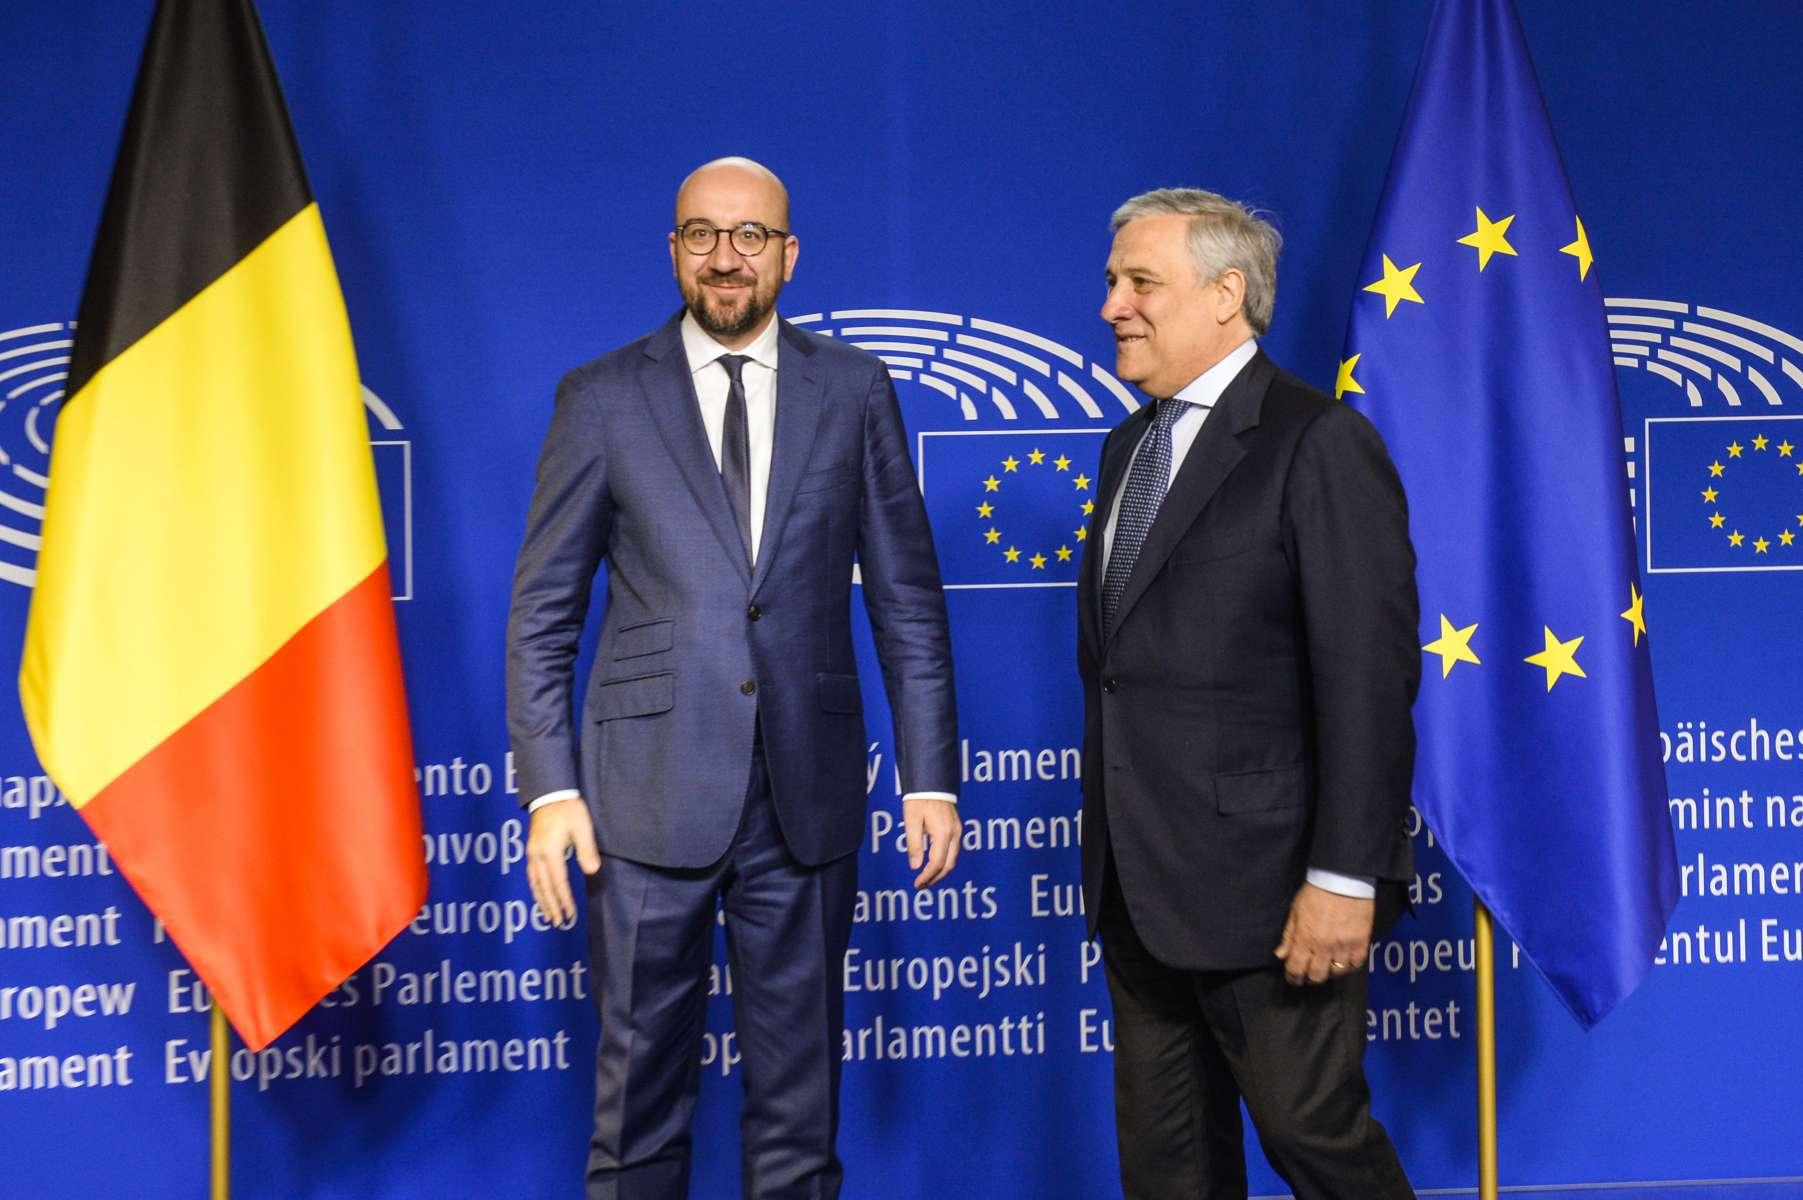 Europe : Discours du Premier ministre de Belgique, Charles Michel, au parlement européen